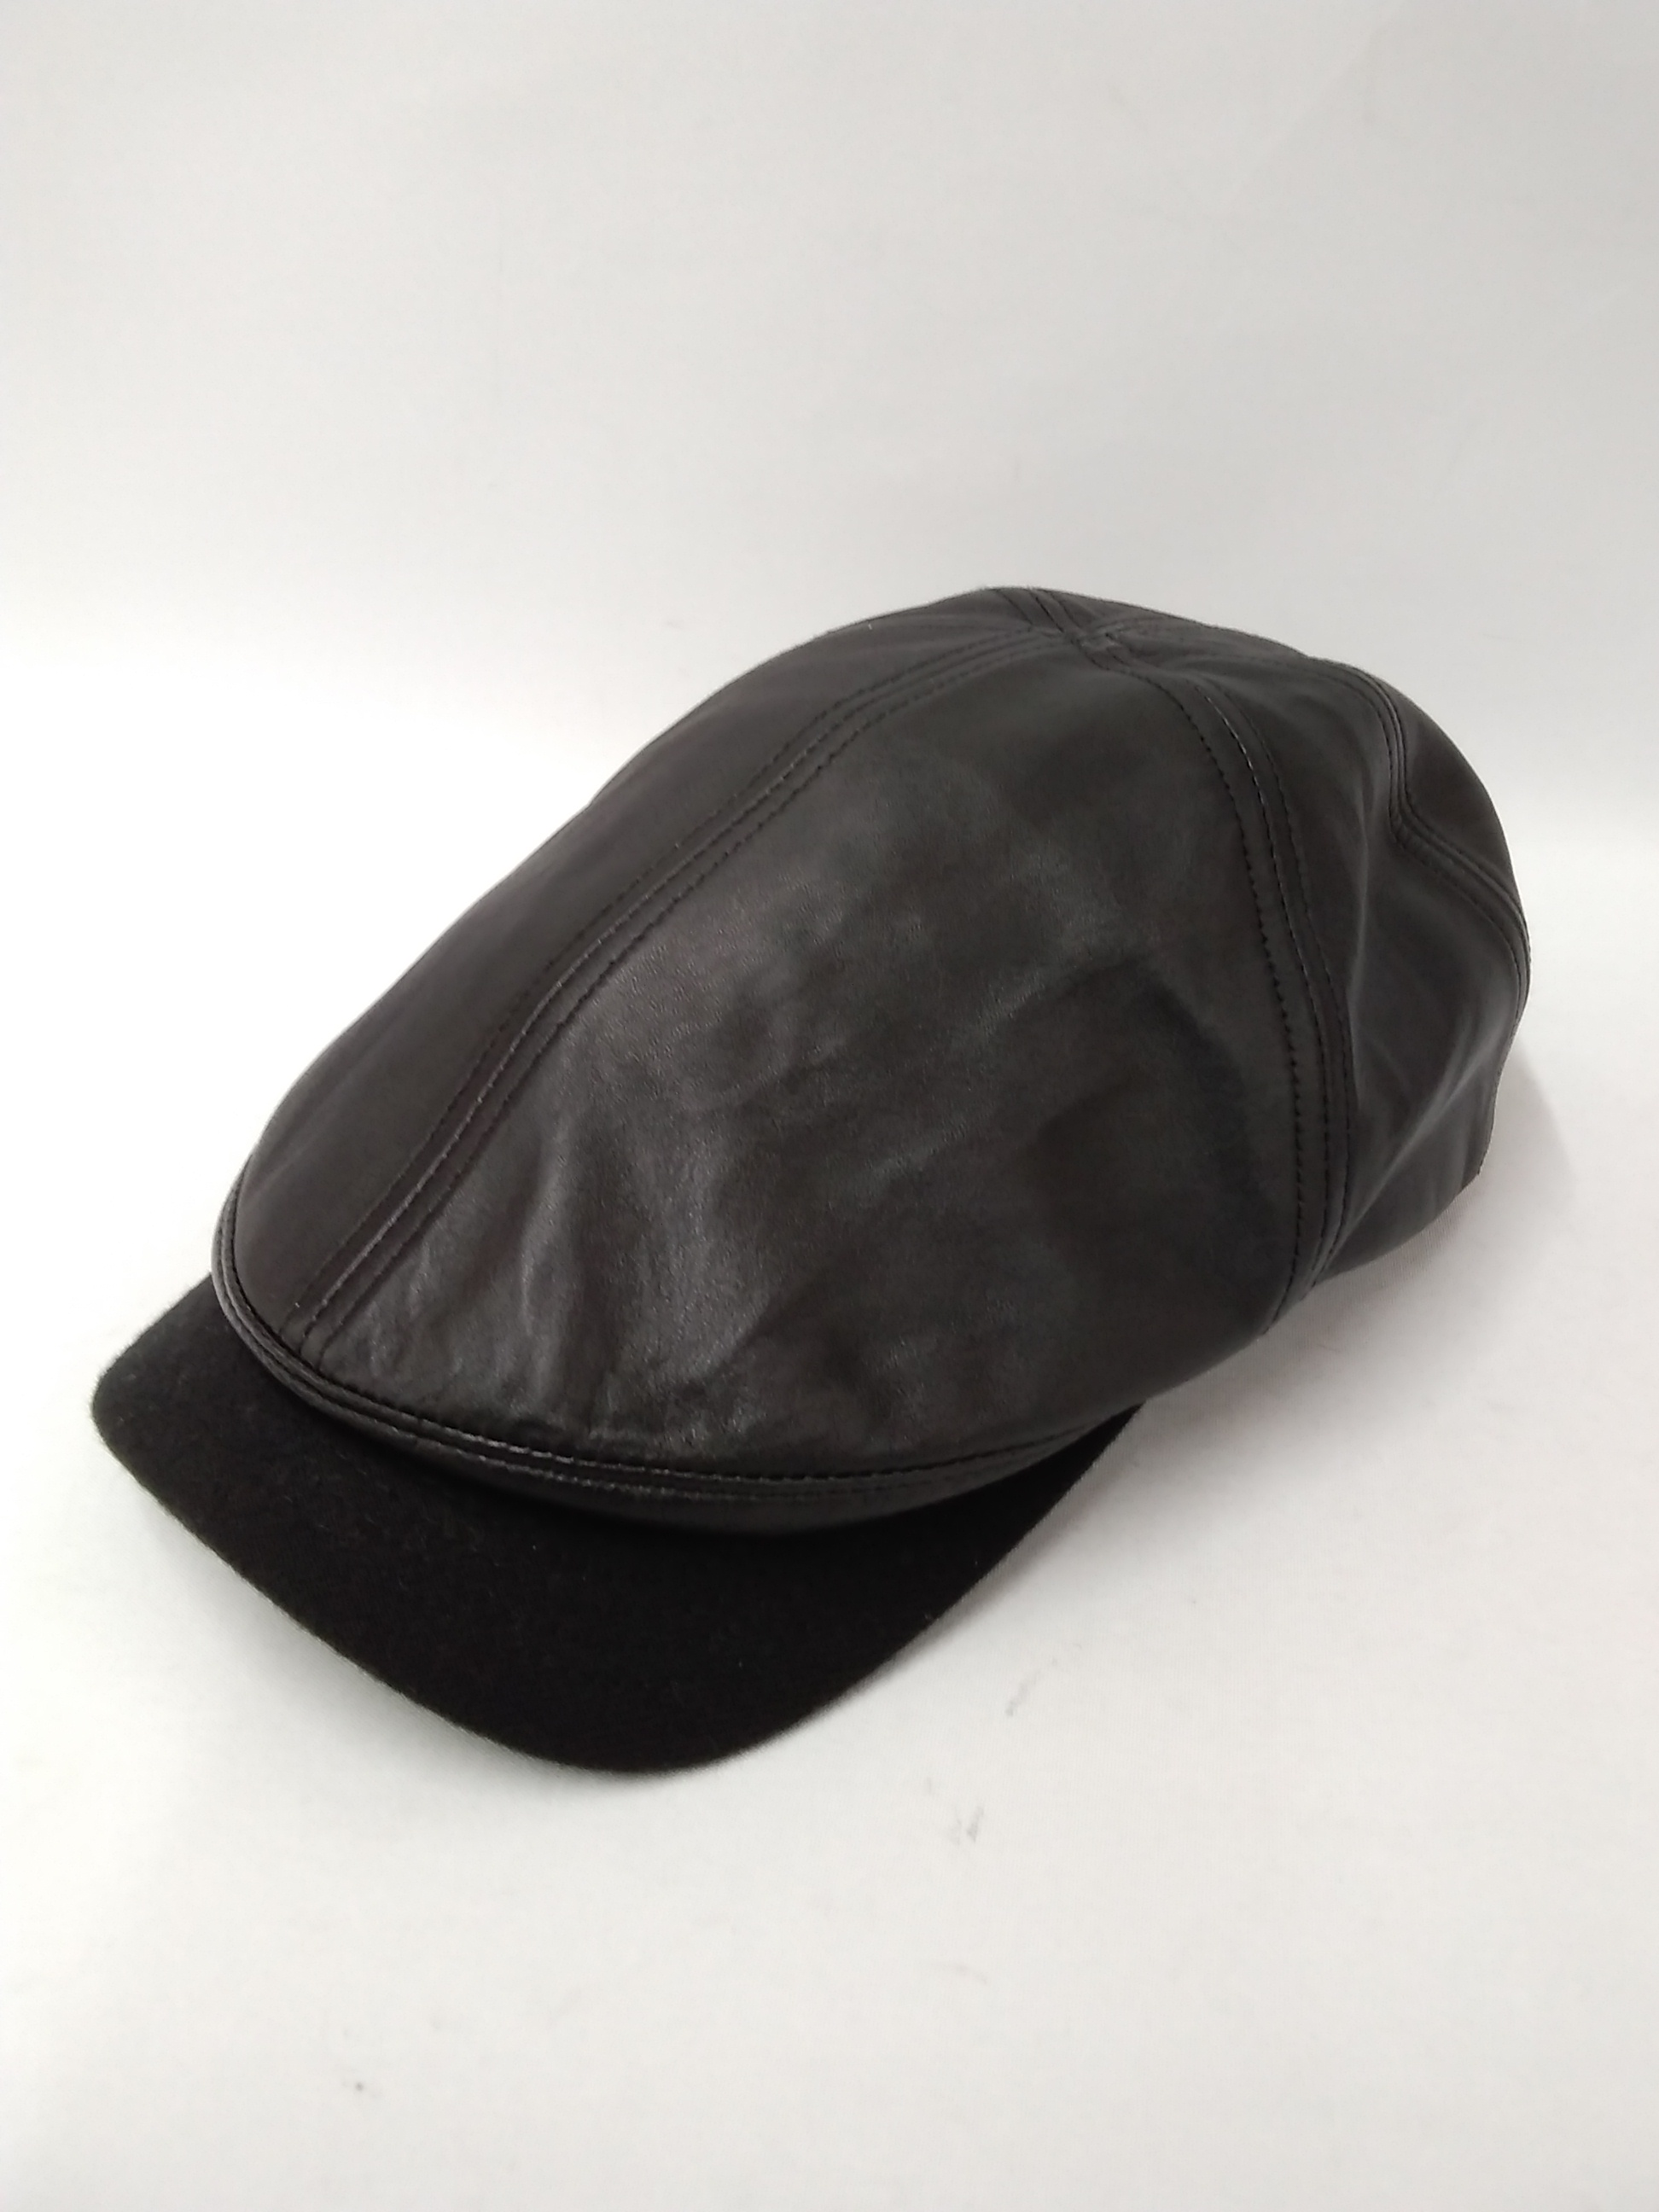 ハンチング帽|ALEXANDER WANG